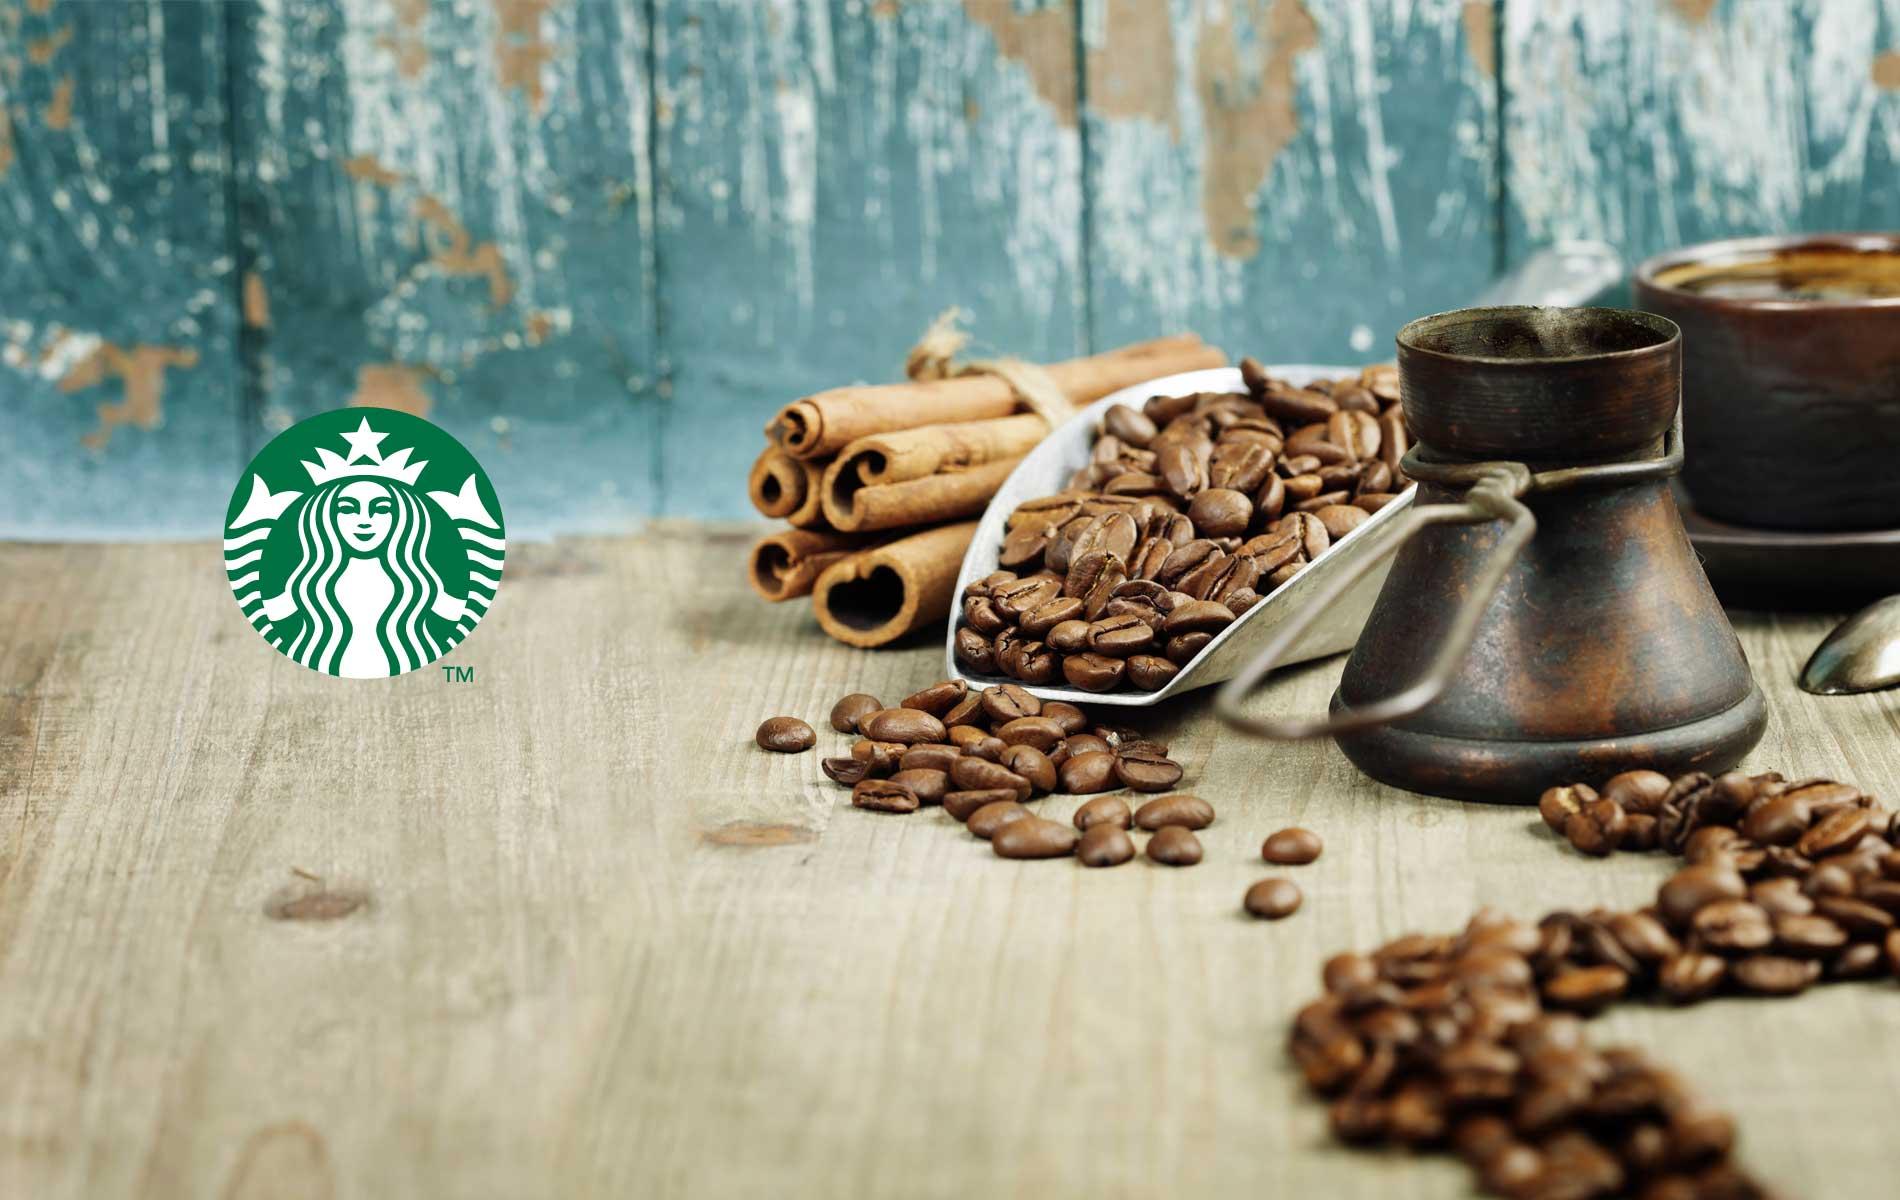 Przerwa kawowa Starbucks